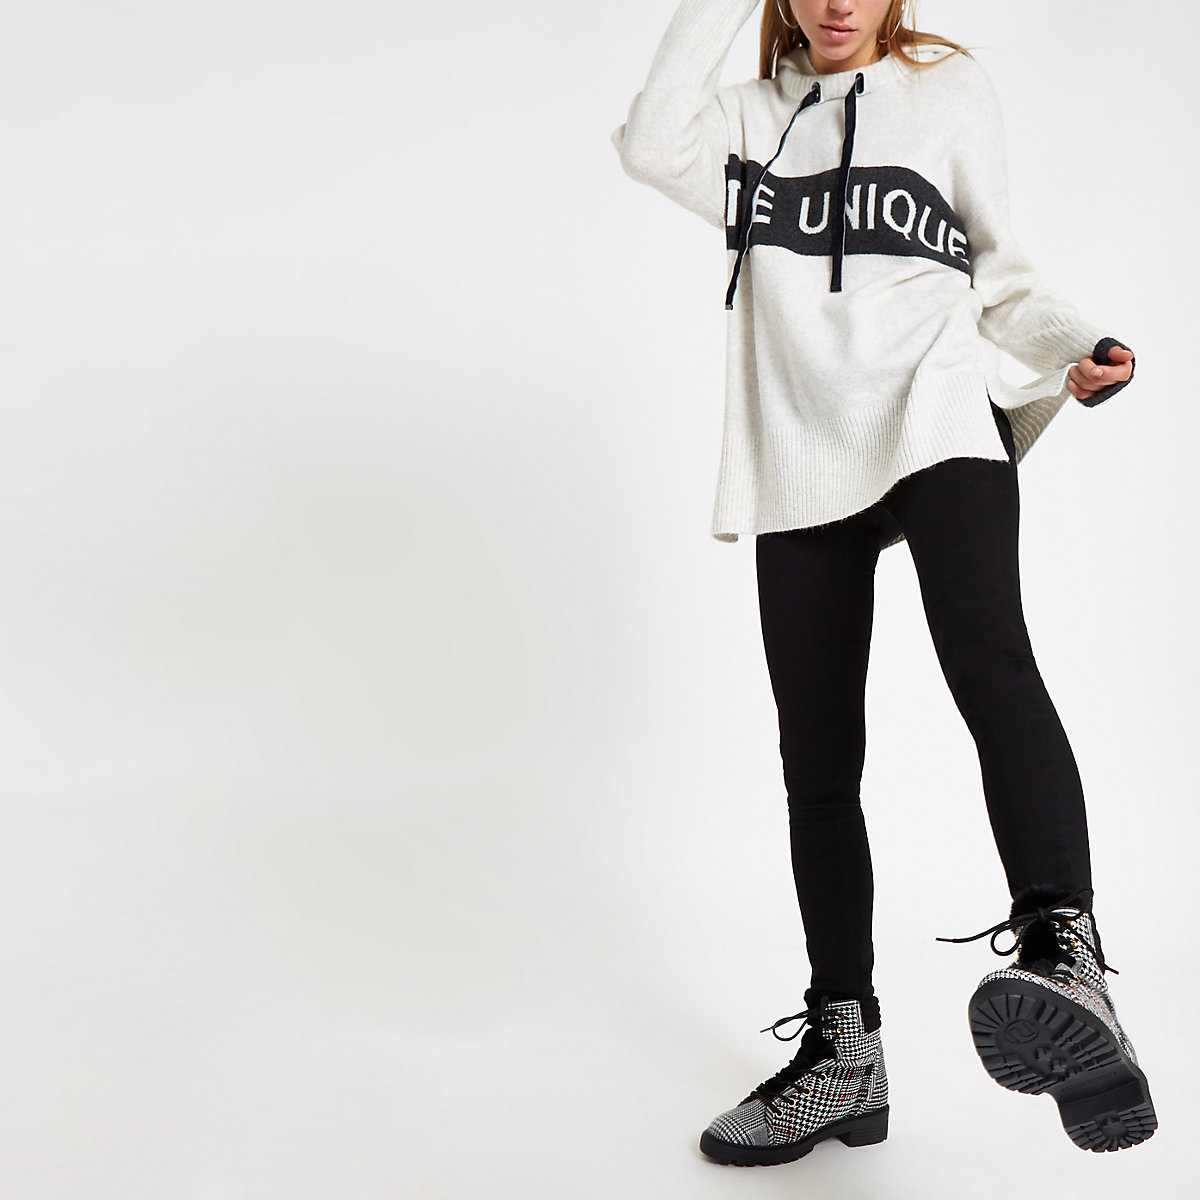 Cream 'Etre unique' hooded jumper